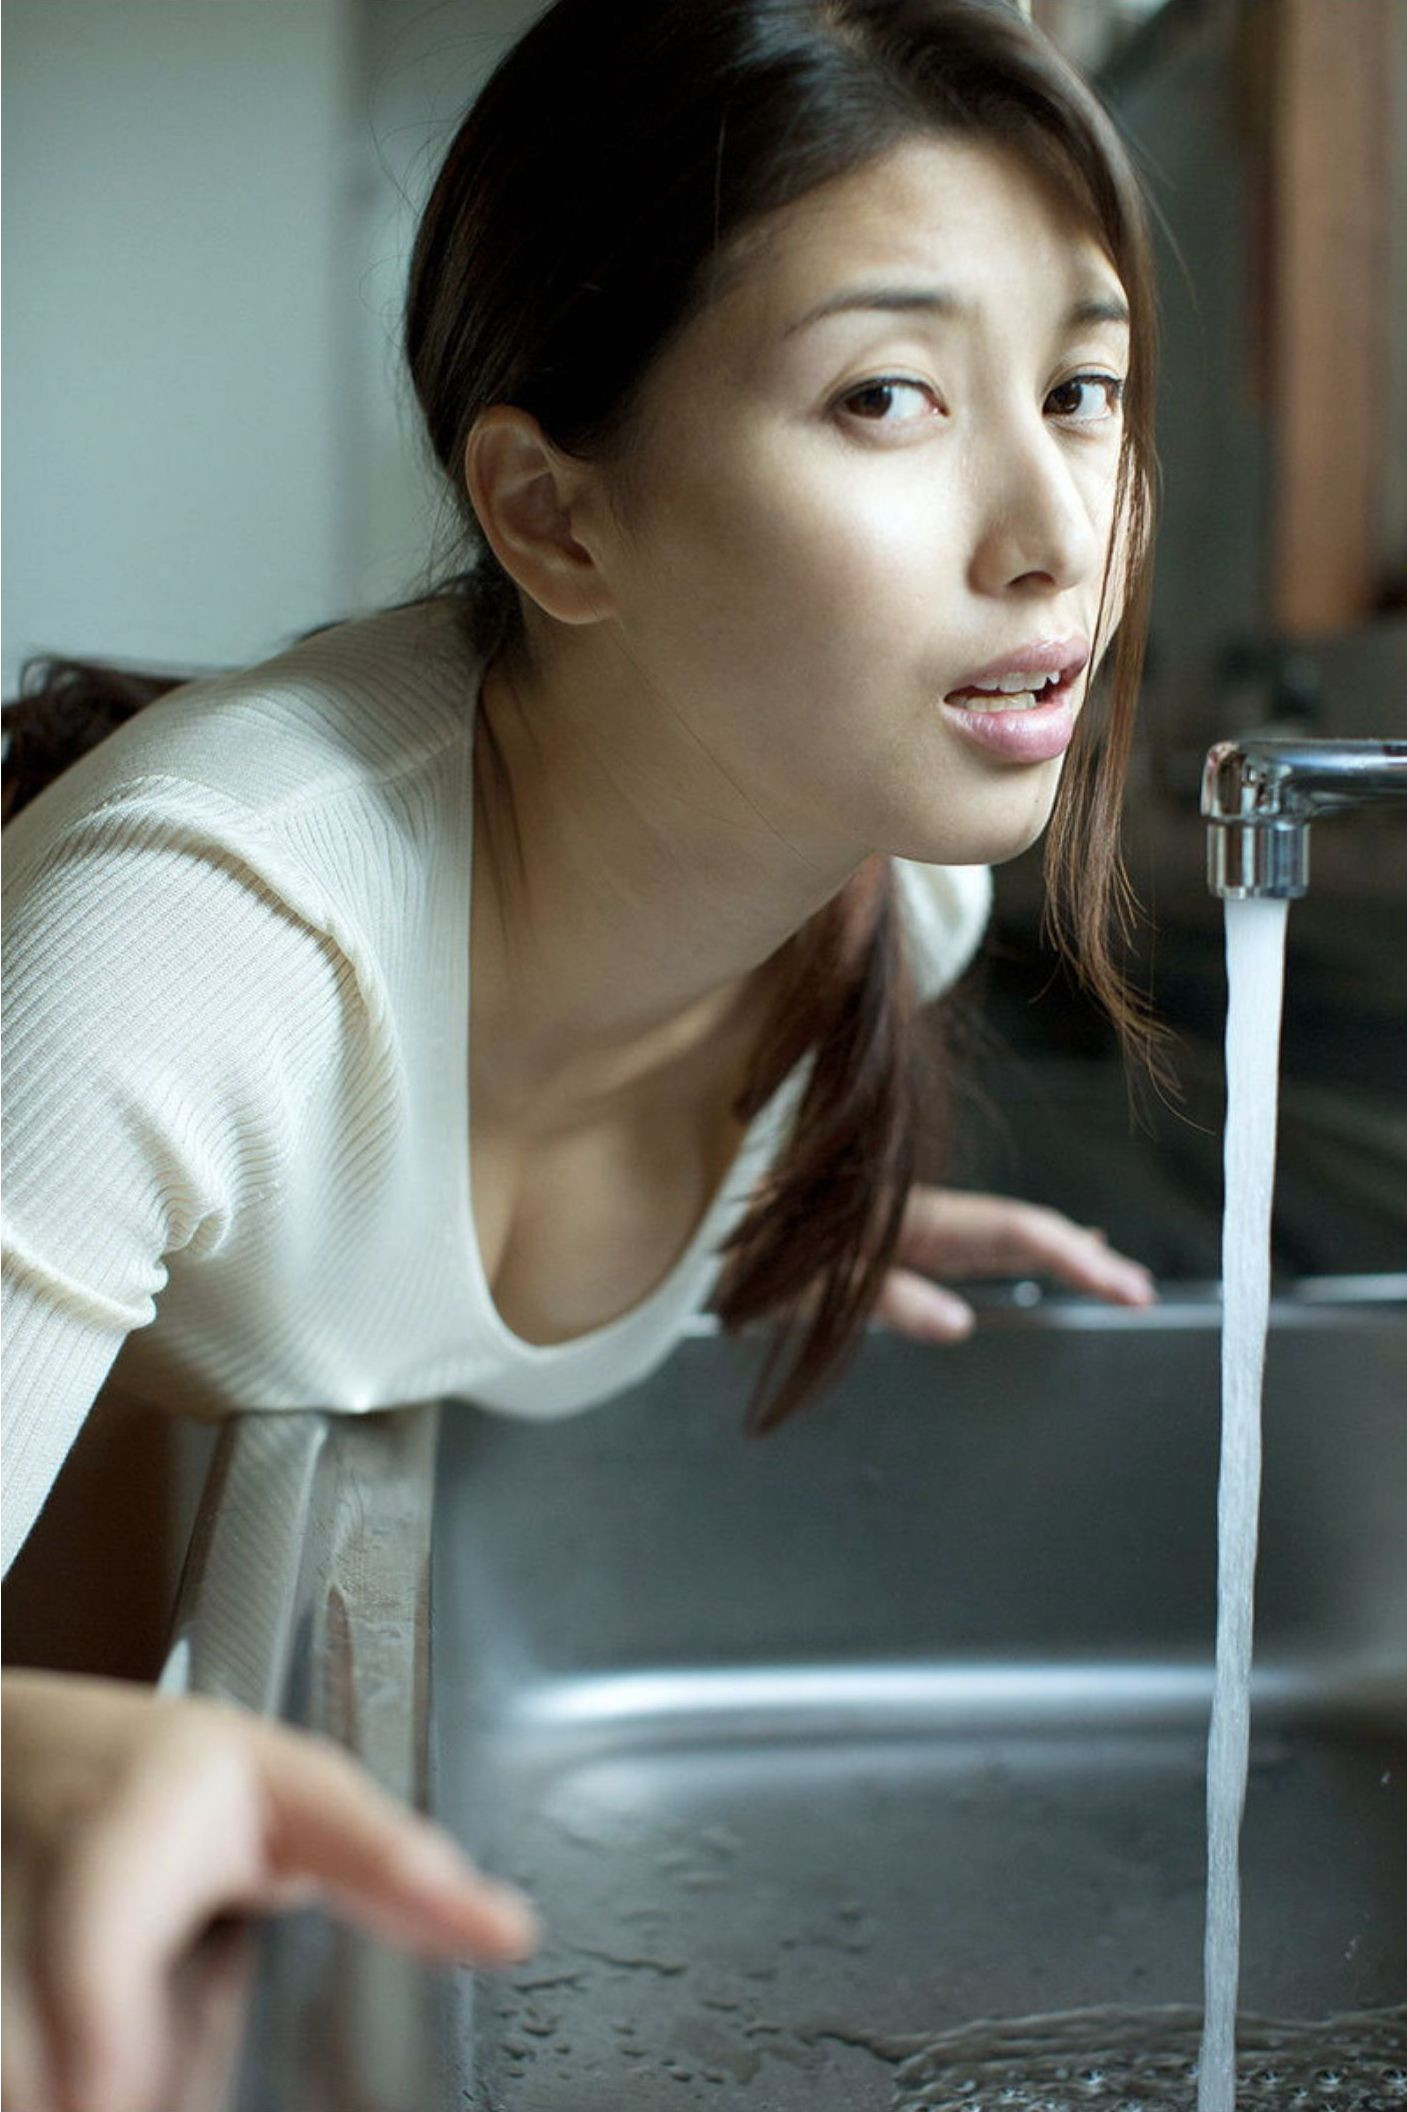 『愛の記憶』橋本マナミ デジタル写真集 006